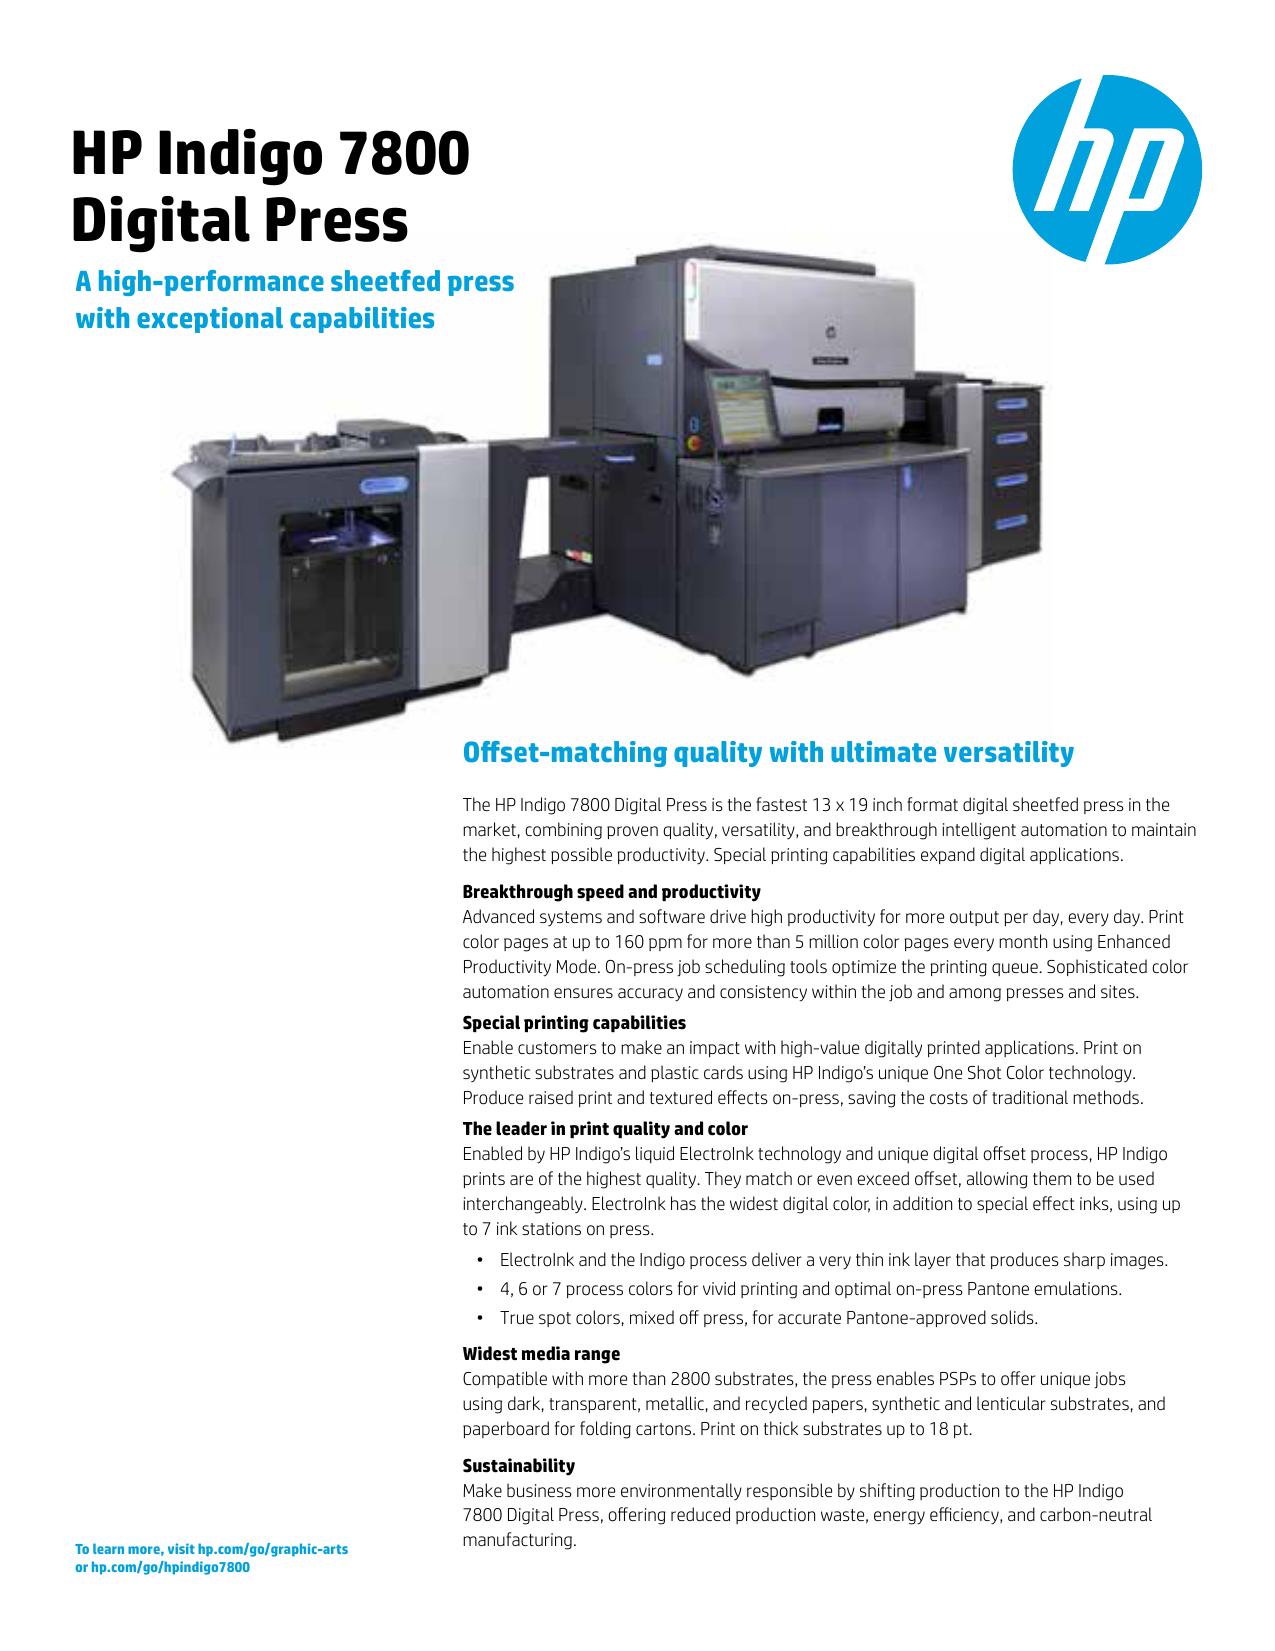 HP Indigo 7800 Digital Press   manualzz com